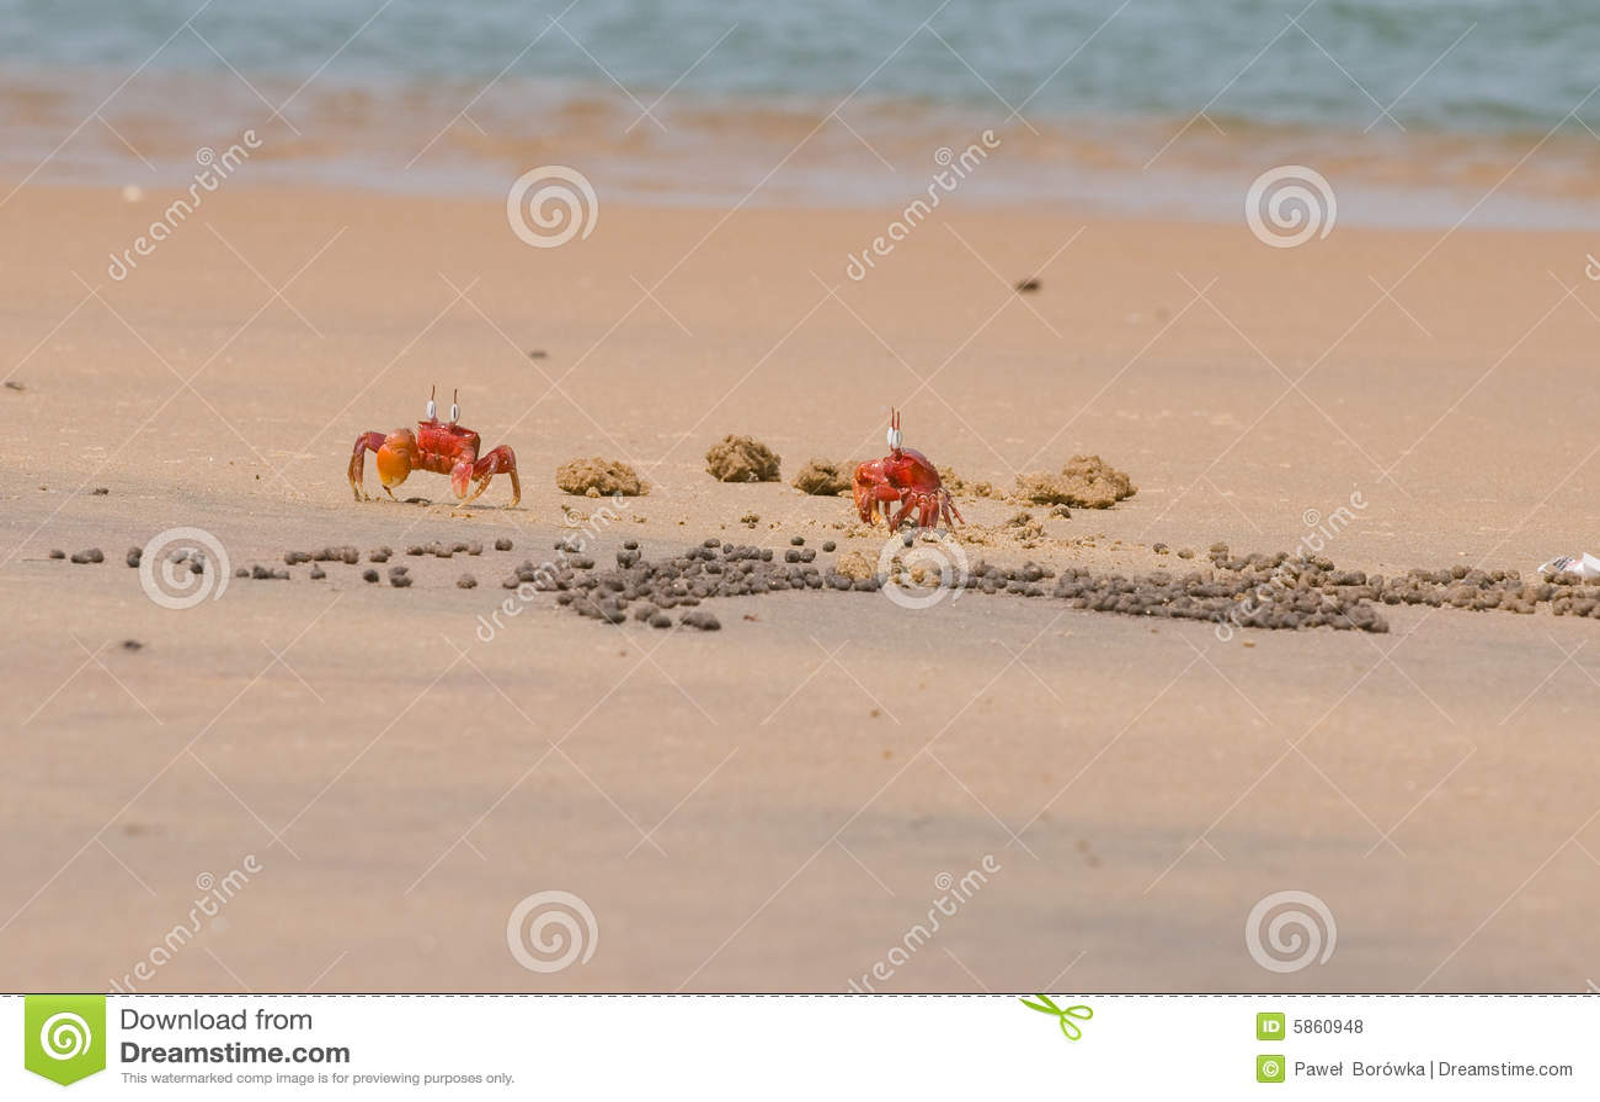 Dois caranguejos vermelhos